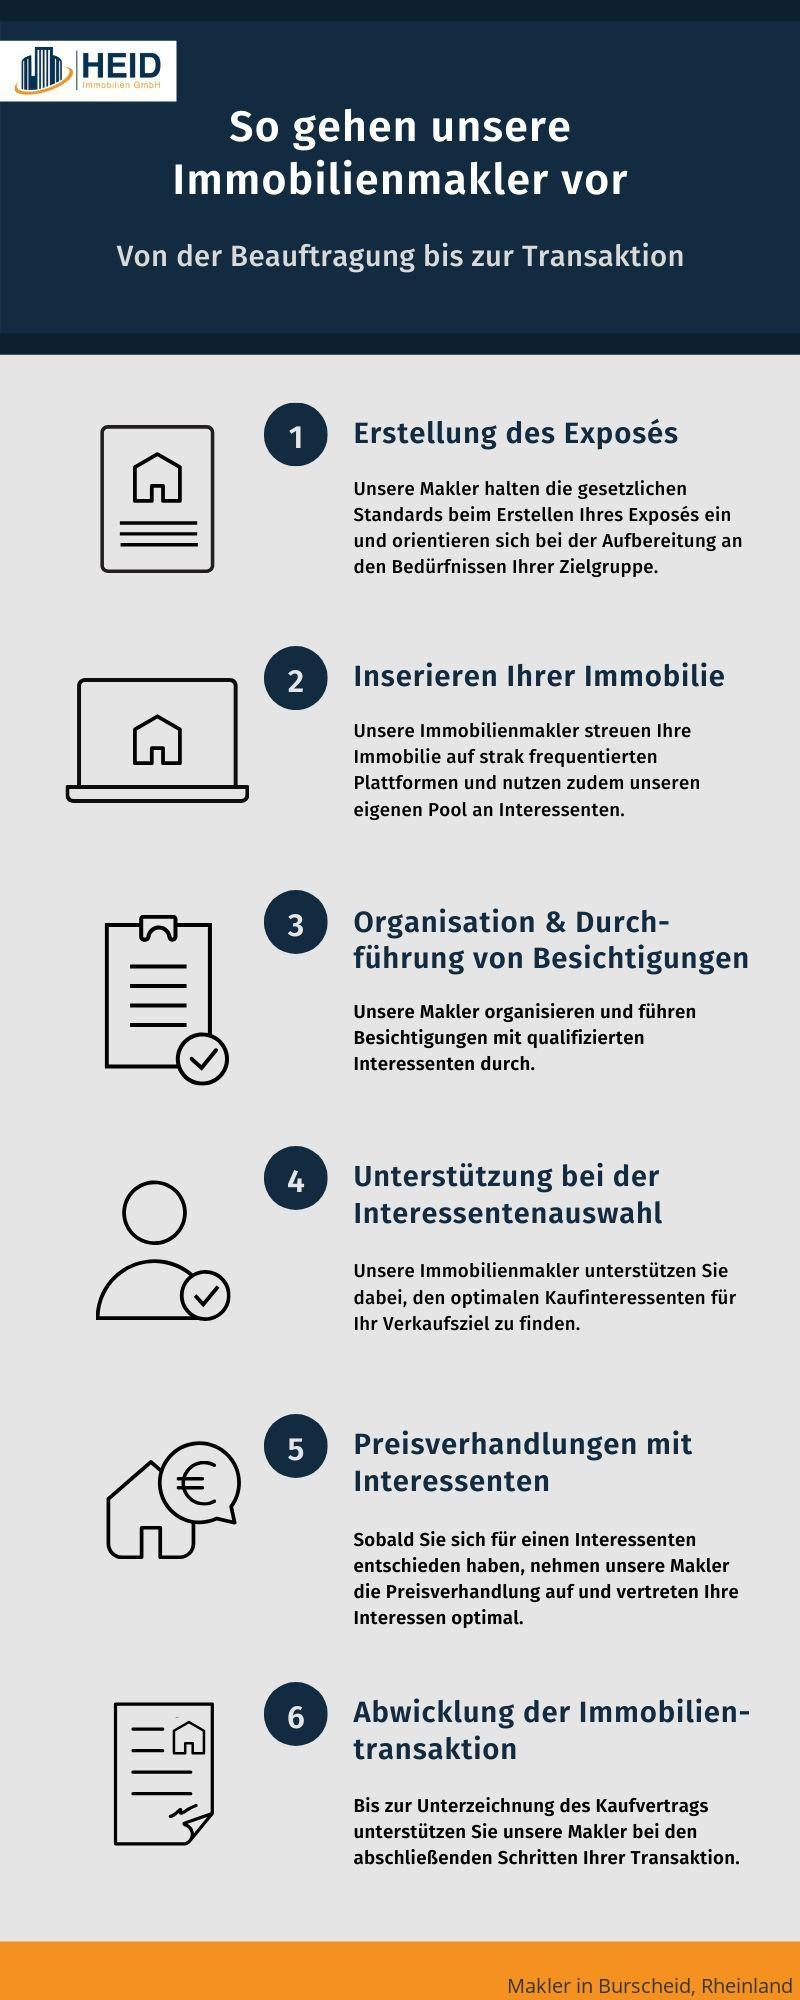 Ablauf einer Maklerbeauftragung in Burscheid, Rheinland